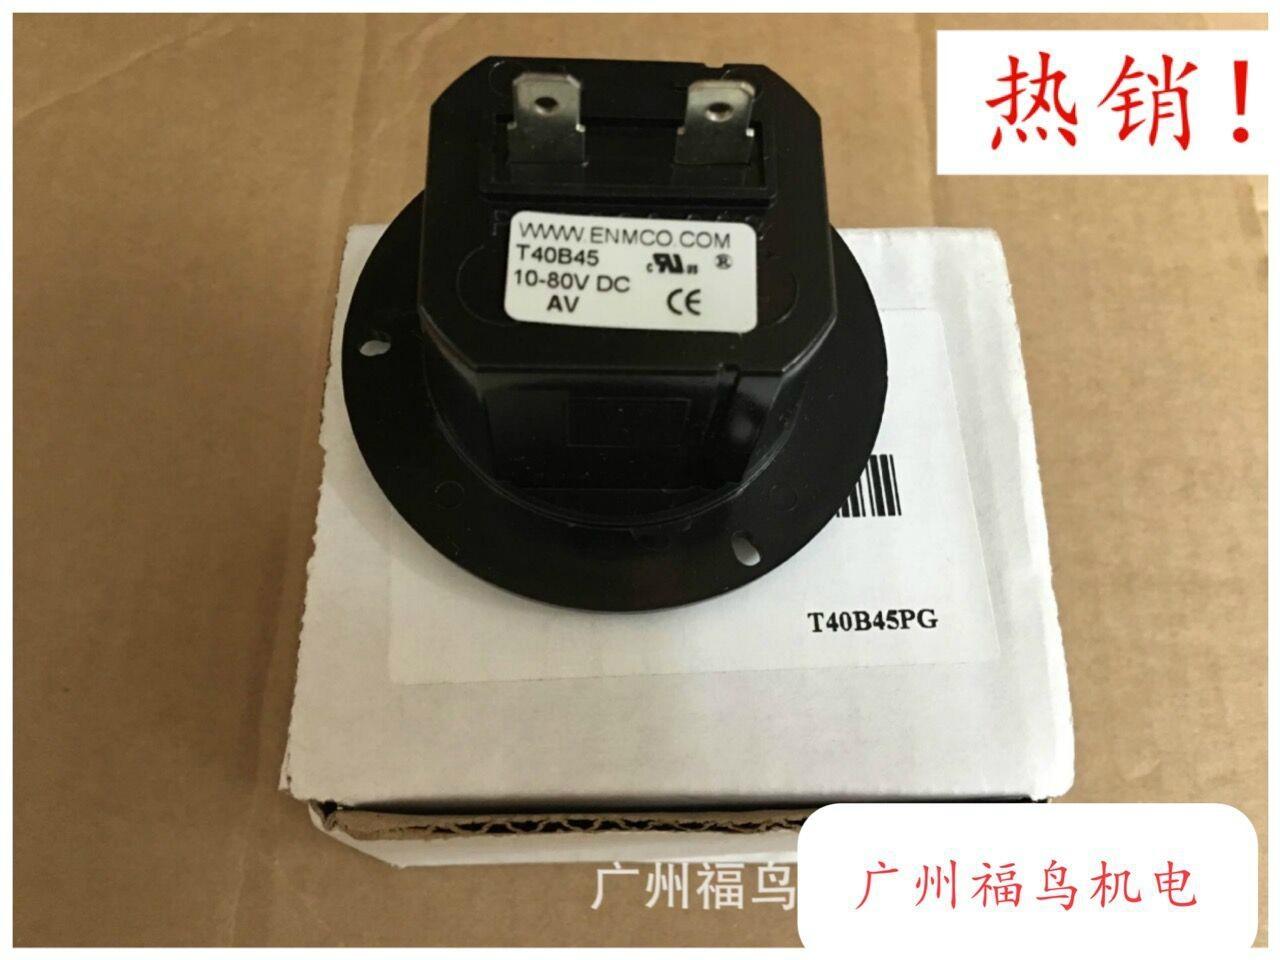 ENM計時器, 型號: T40B45